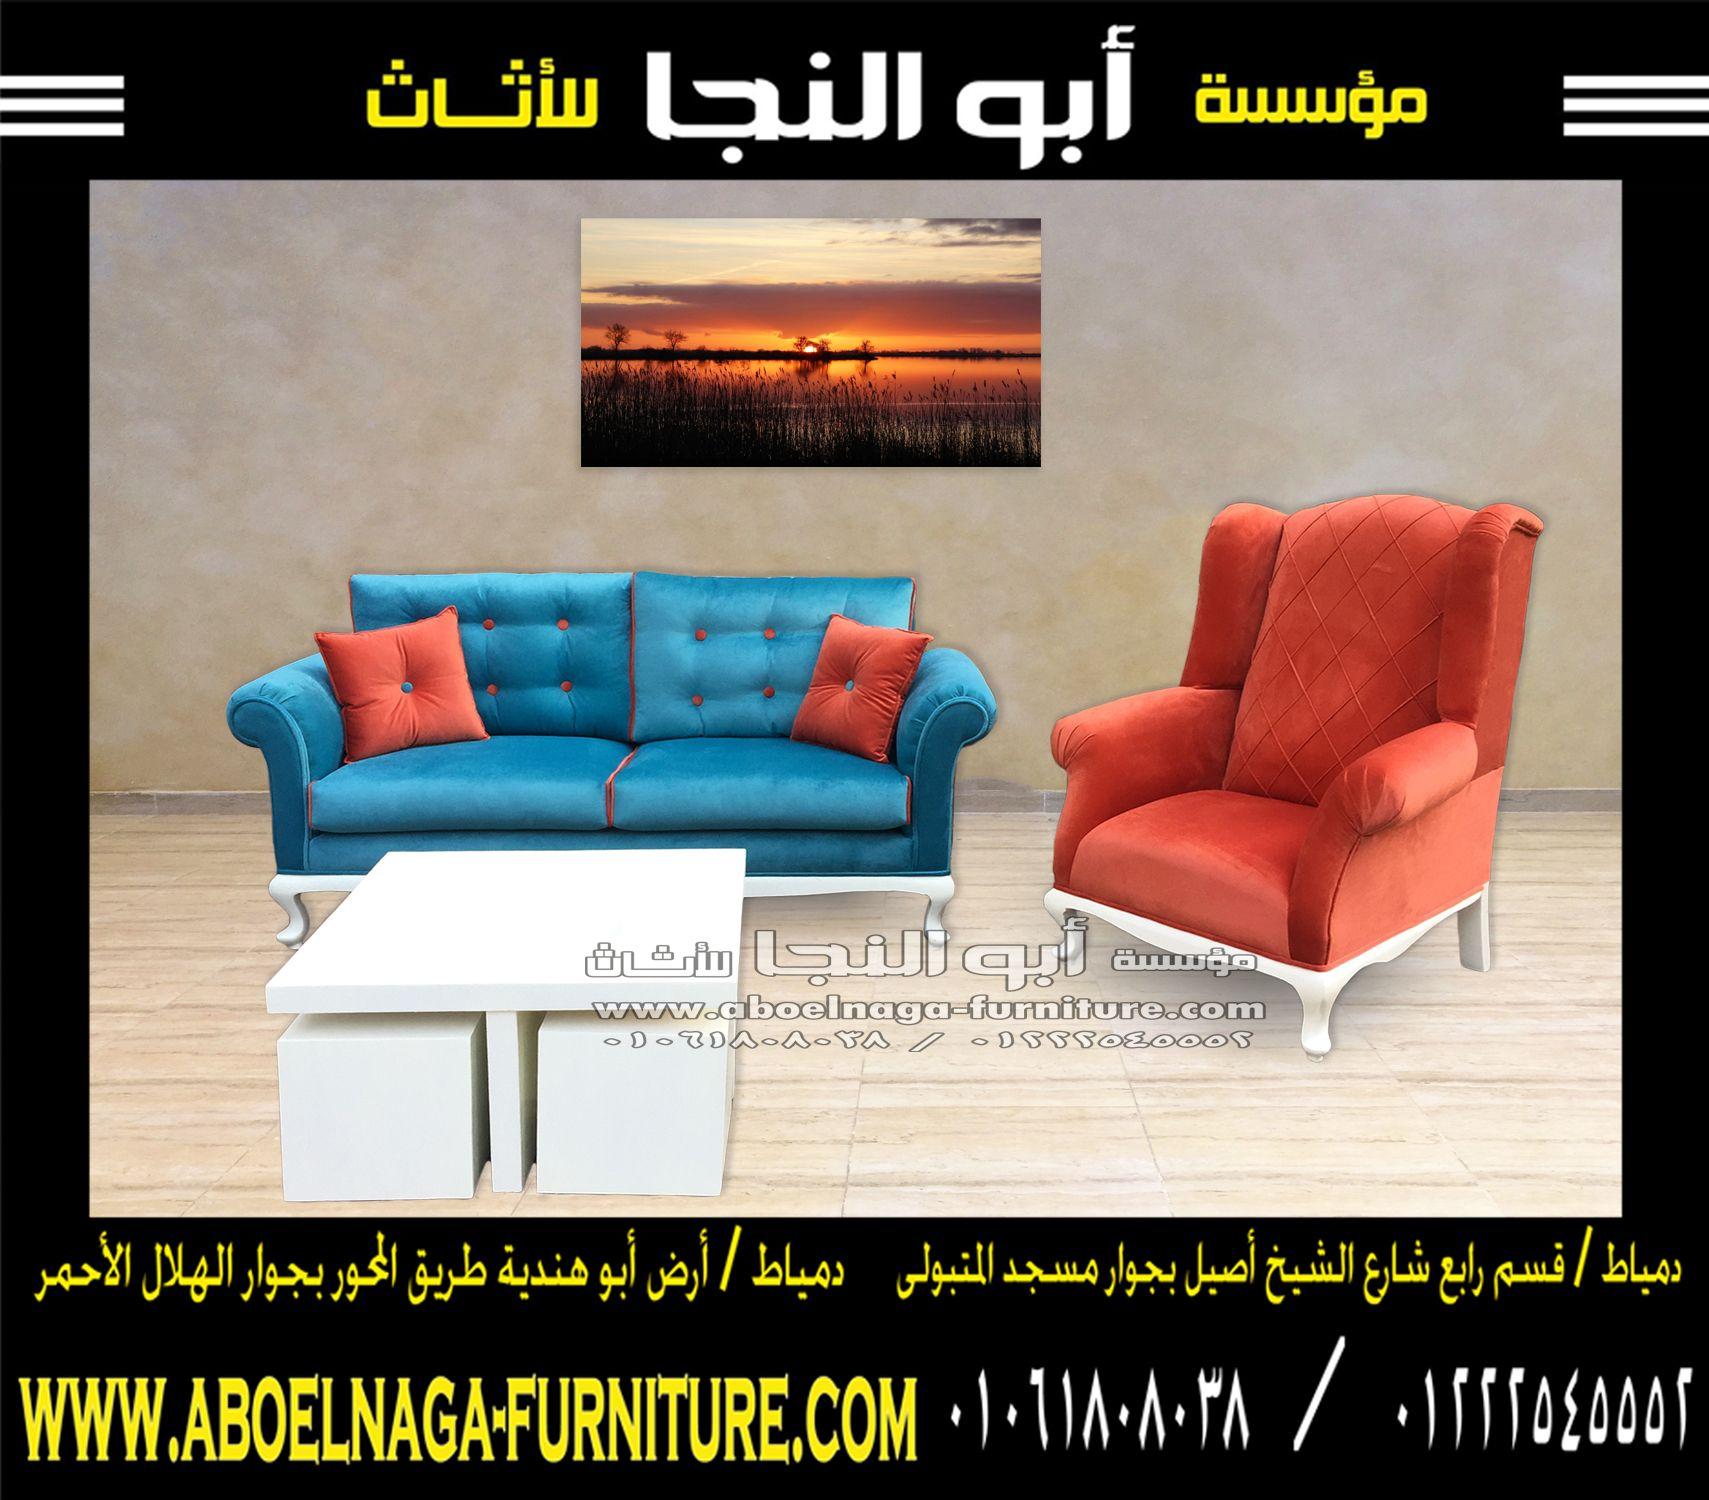 يعتبر اللون البرتقالي بحسب العديد من الدراسات من الألوان التي تترك أثرا وسحرا إيجابيا في النفس والروح فضلا عن أنه يمتلك قدرة فا Home Decor Decor Furniture